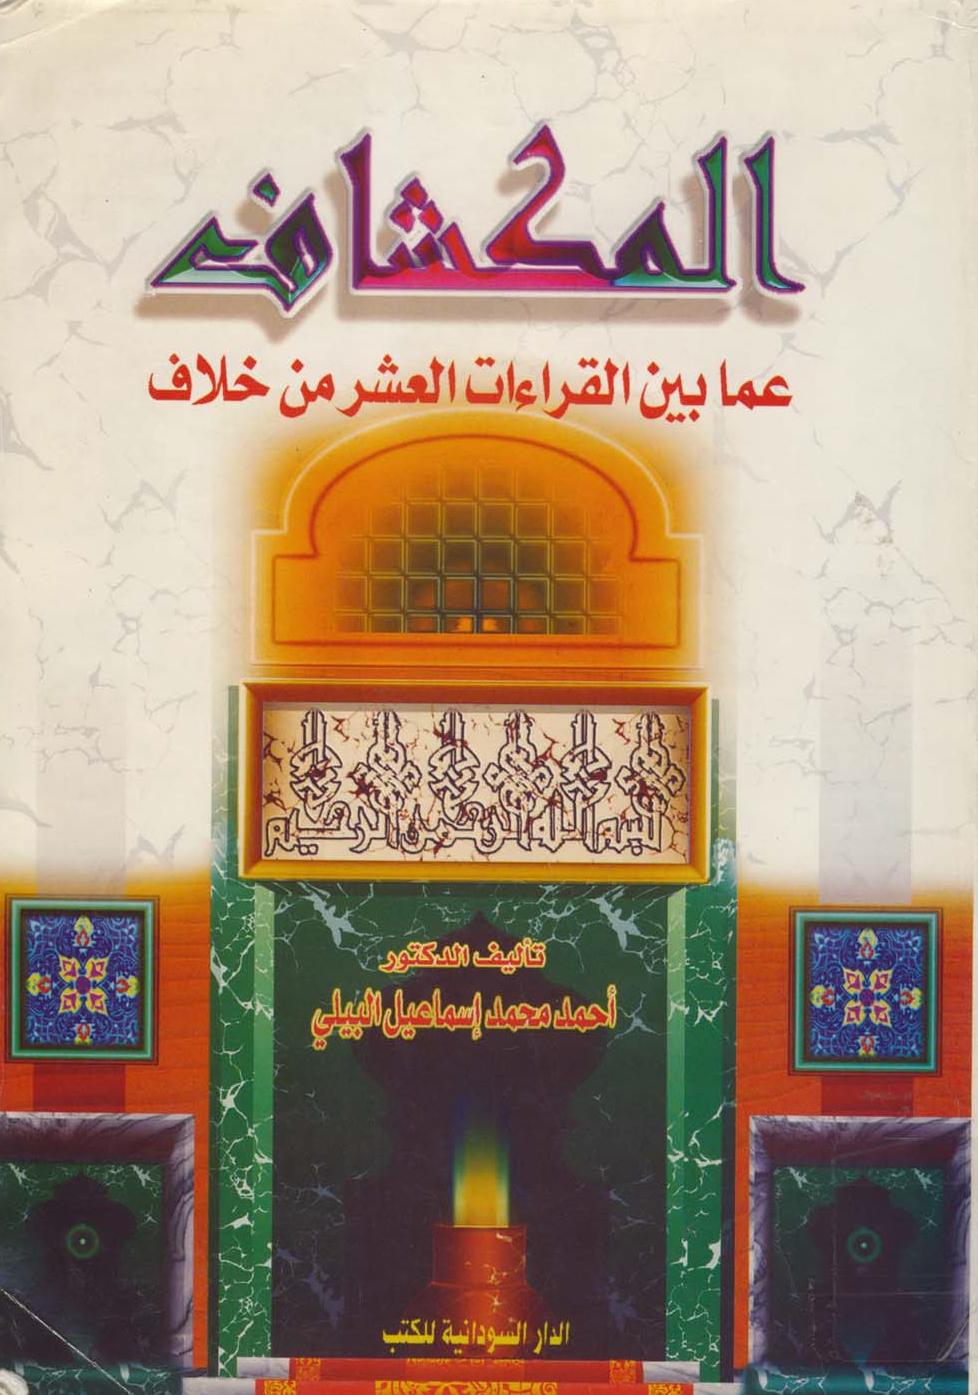 تحميل كتاب المكشاف عما بين القراءات العشر من خلاف لـِ: الدكتور أحمد محمد إسماعيل البيلي